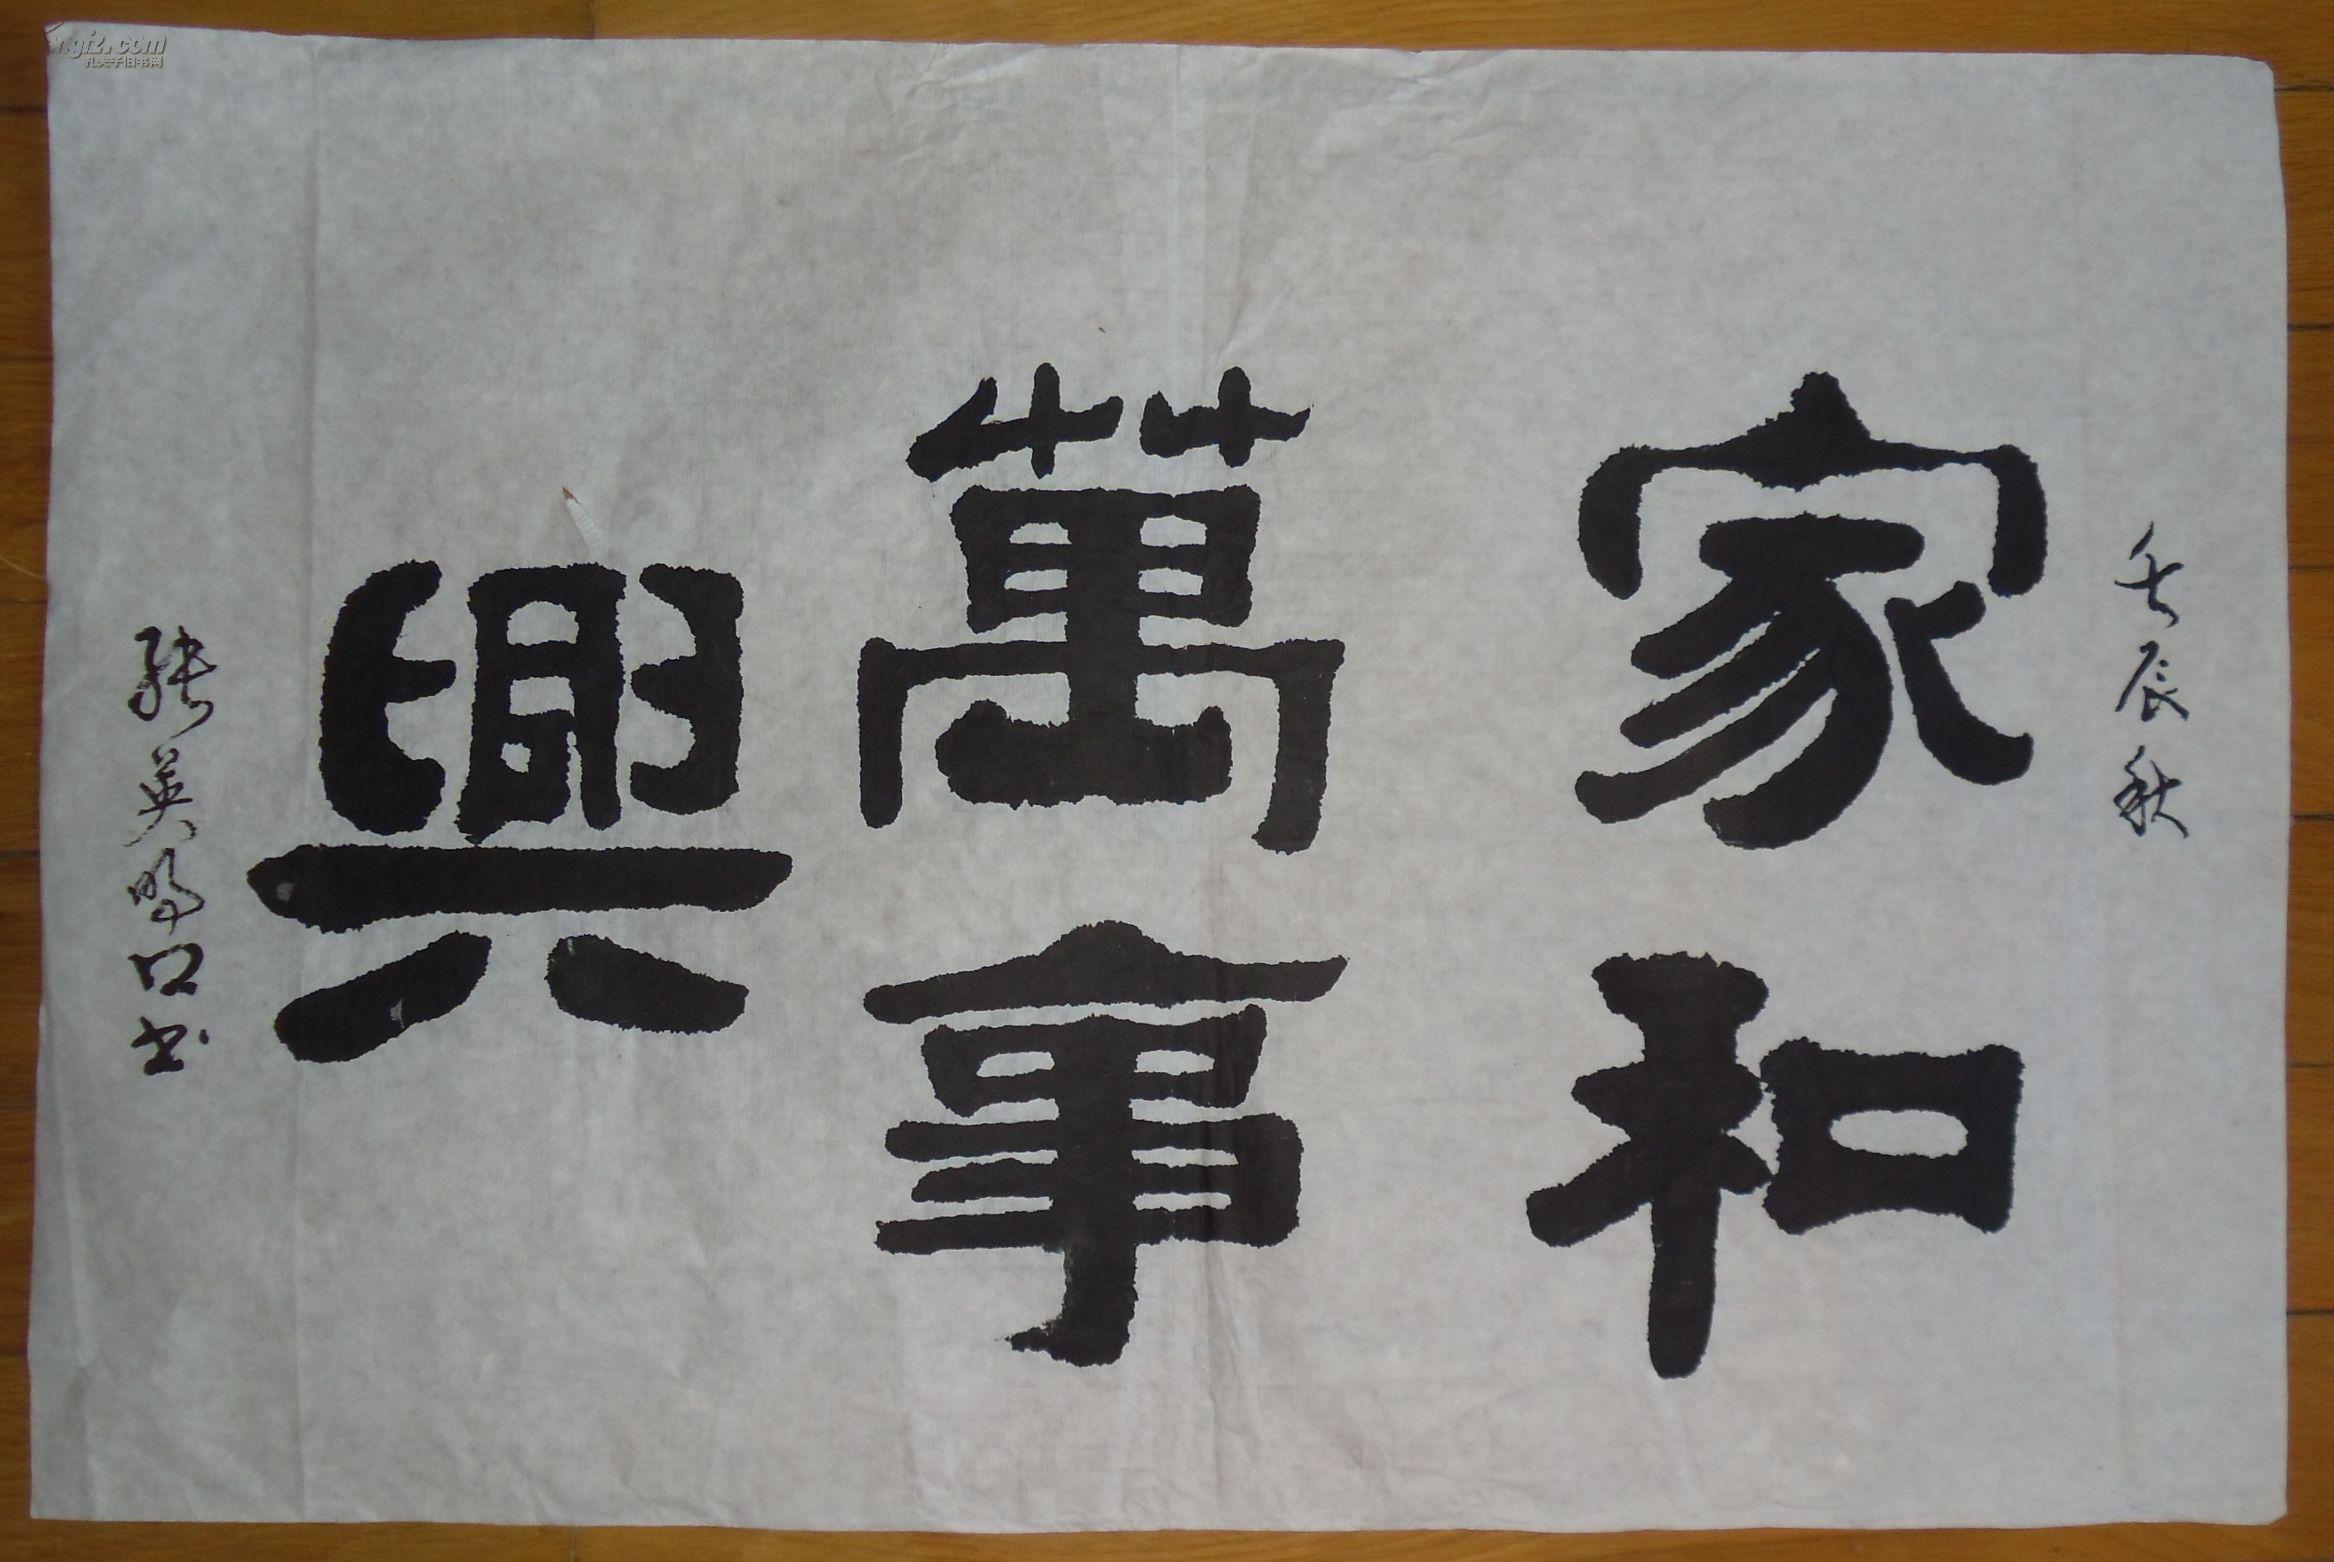 天津市中老年书法协会会员,无臂书法家张英明口书:隶书《家和万事兴》图片